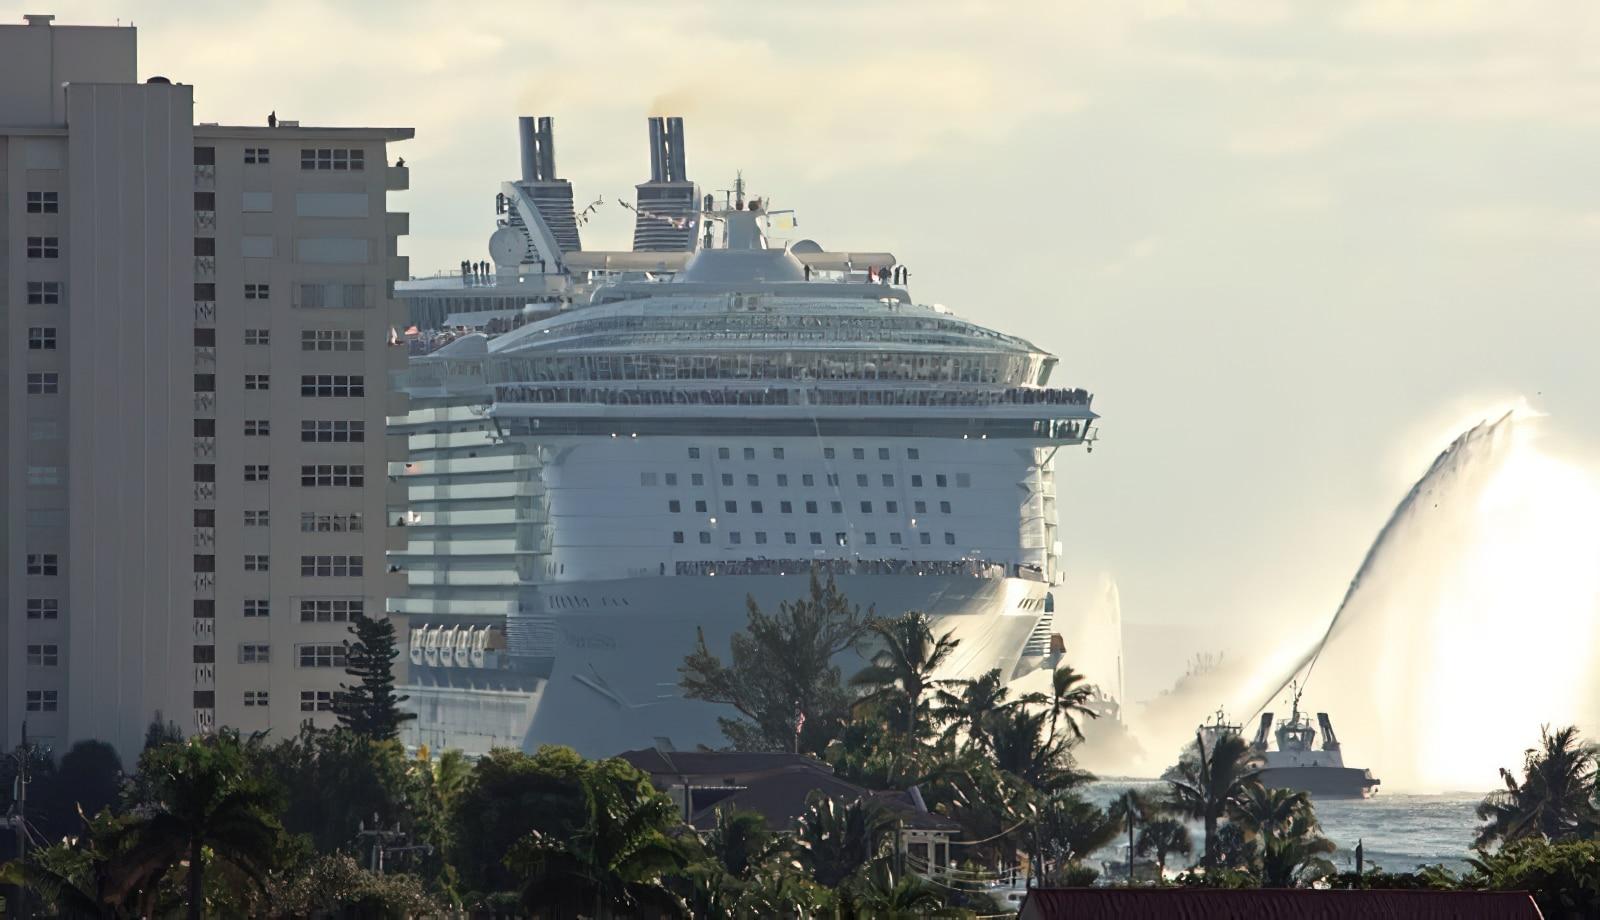 Les chiffres fous à bord d'un des plus grands bateaux de croisière au monde